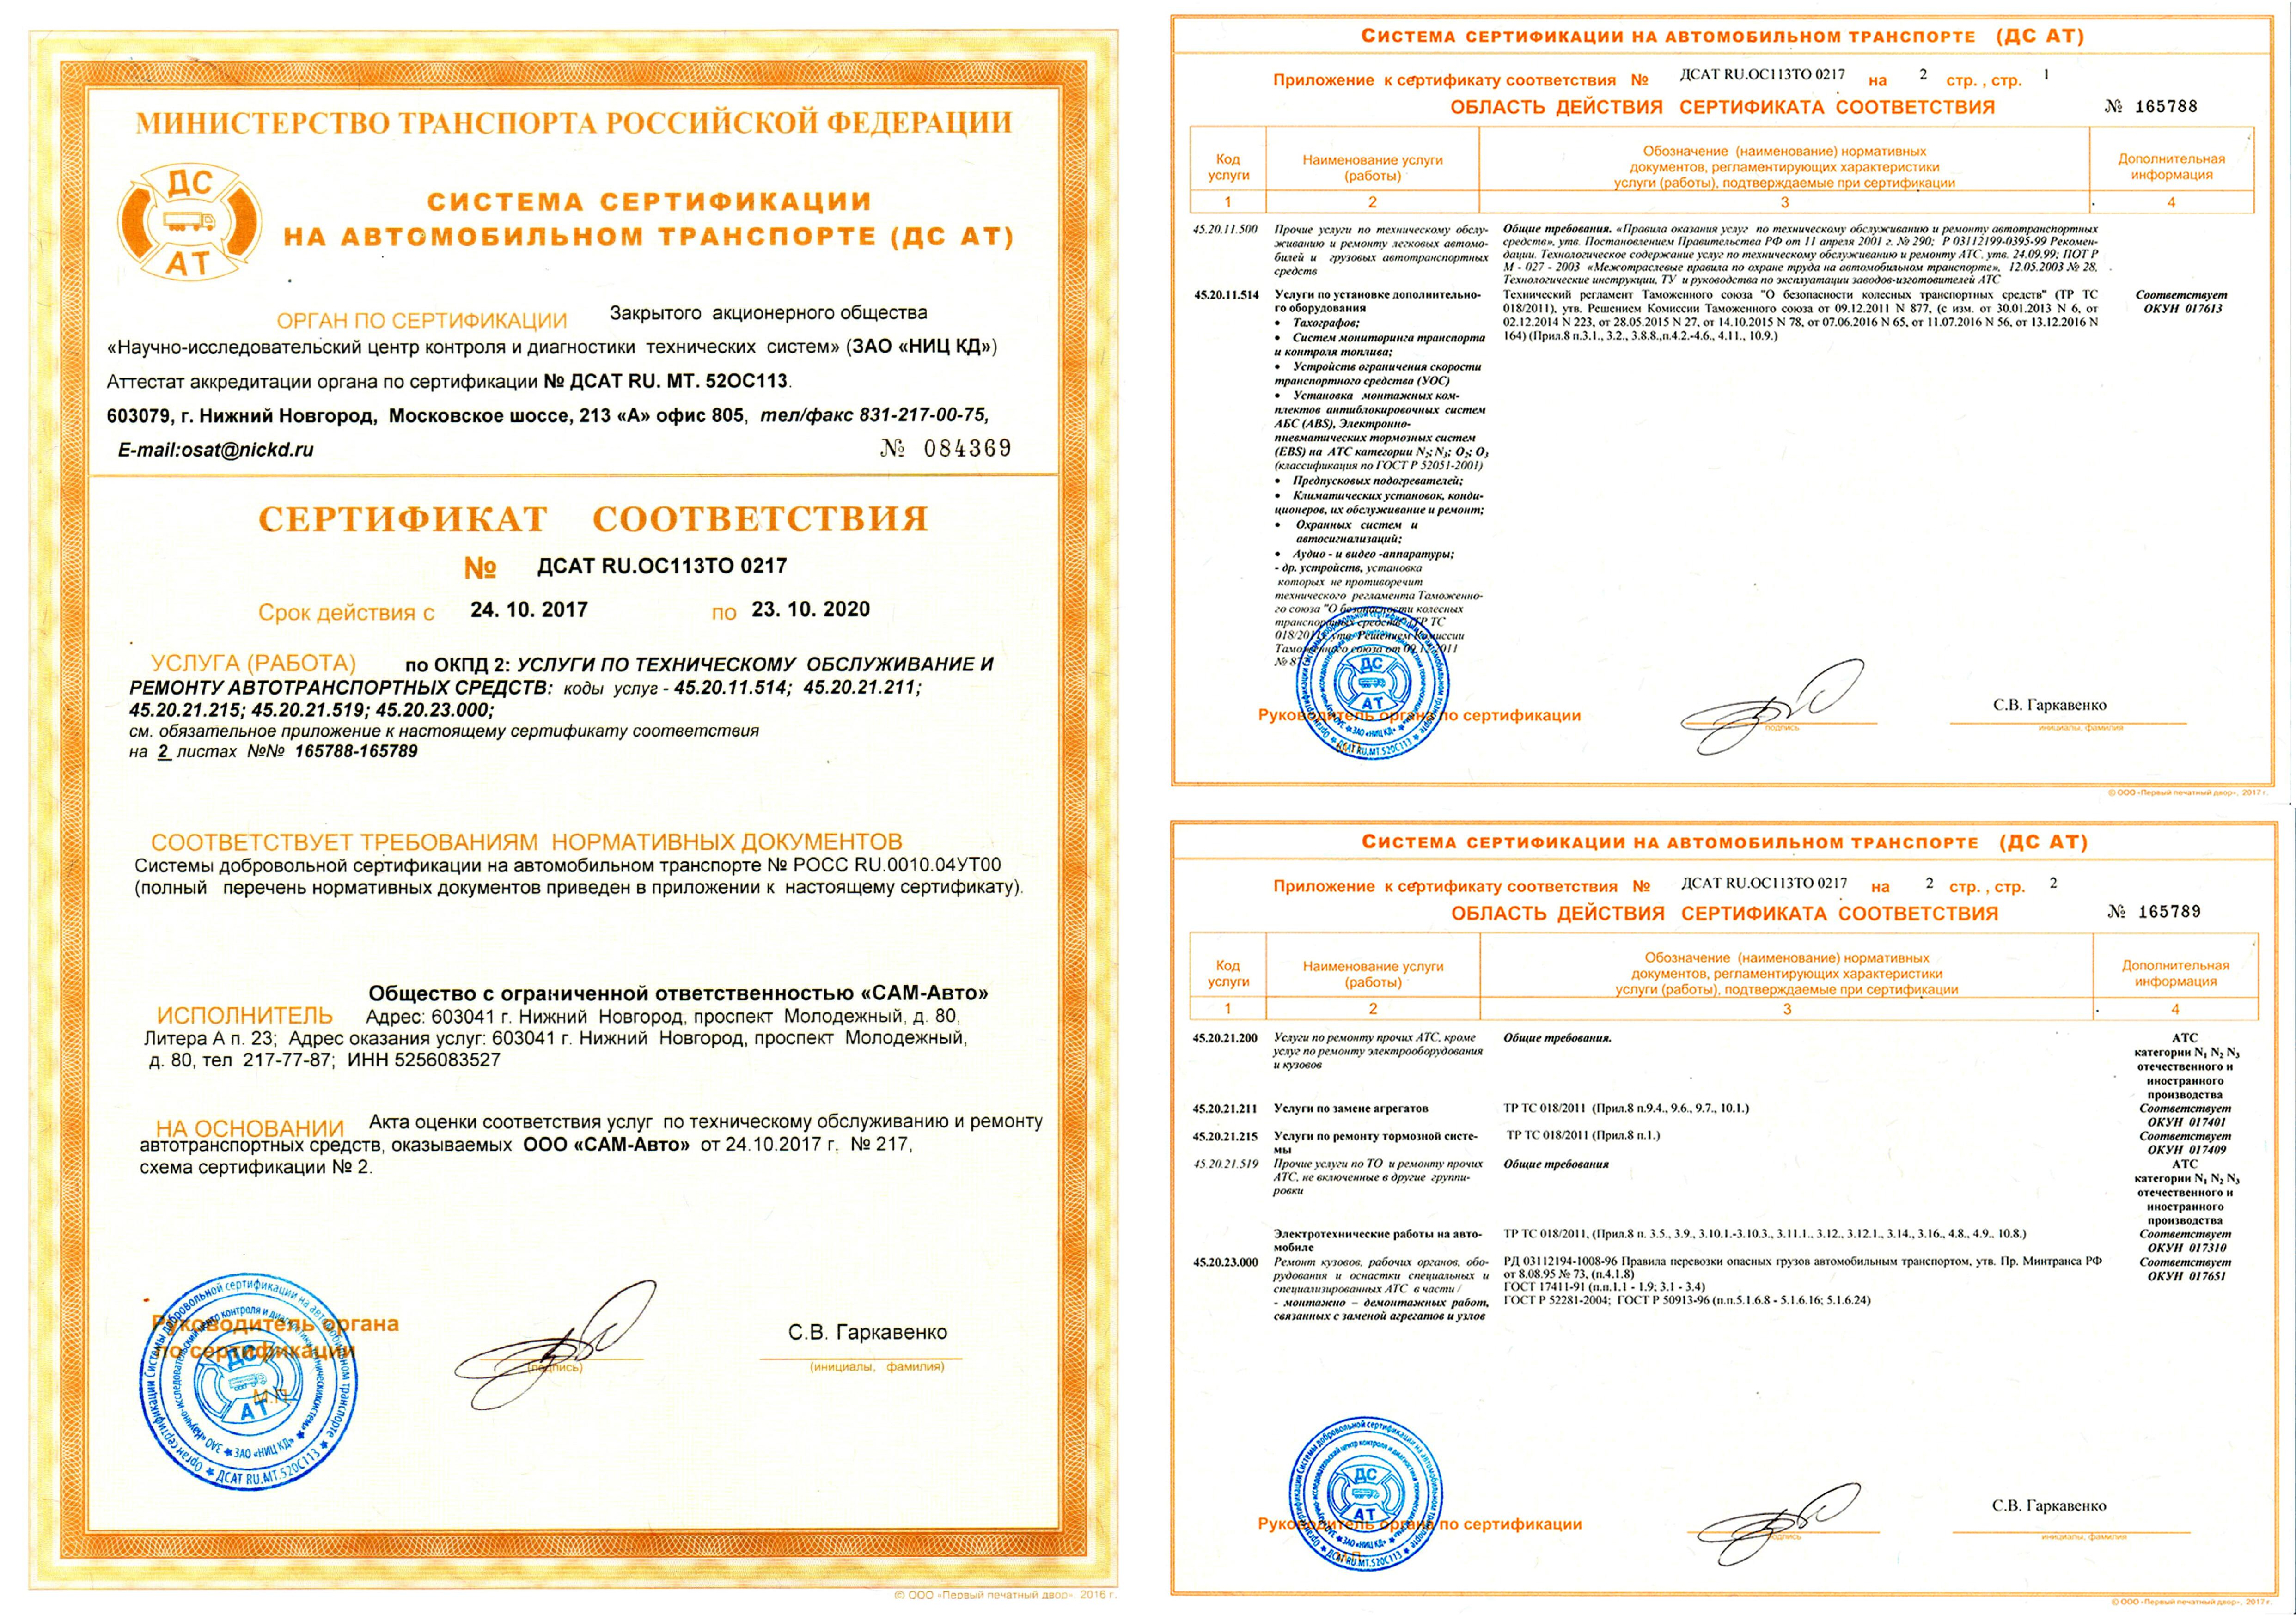 Образец приказа о вводе в эксплуатацию новой печати